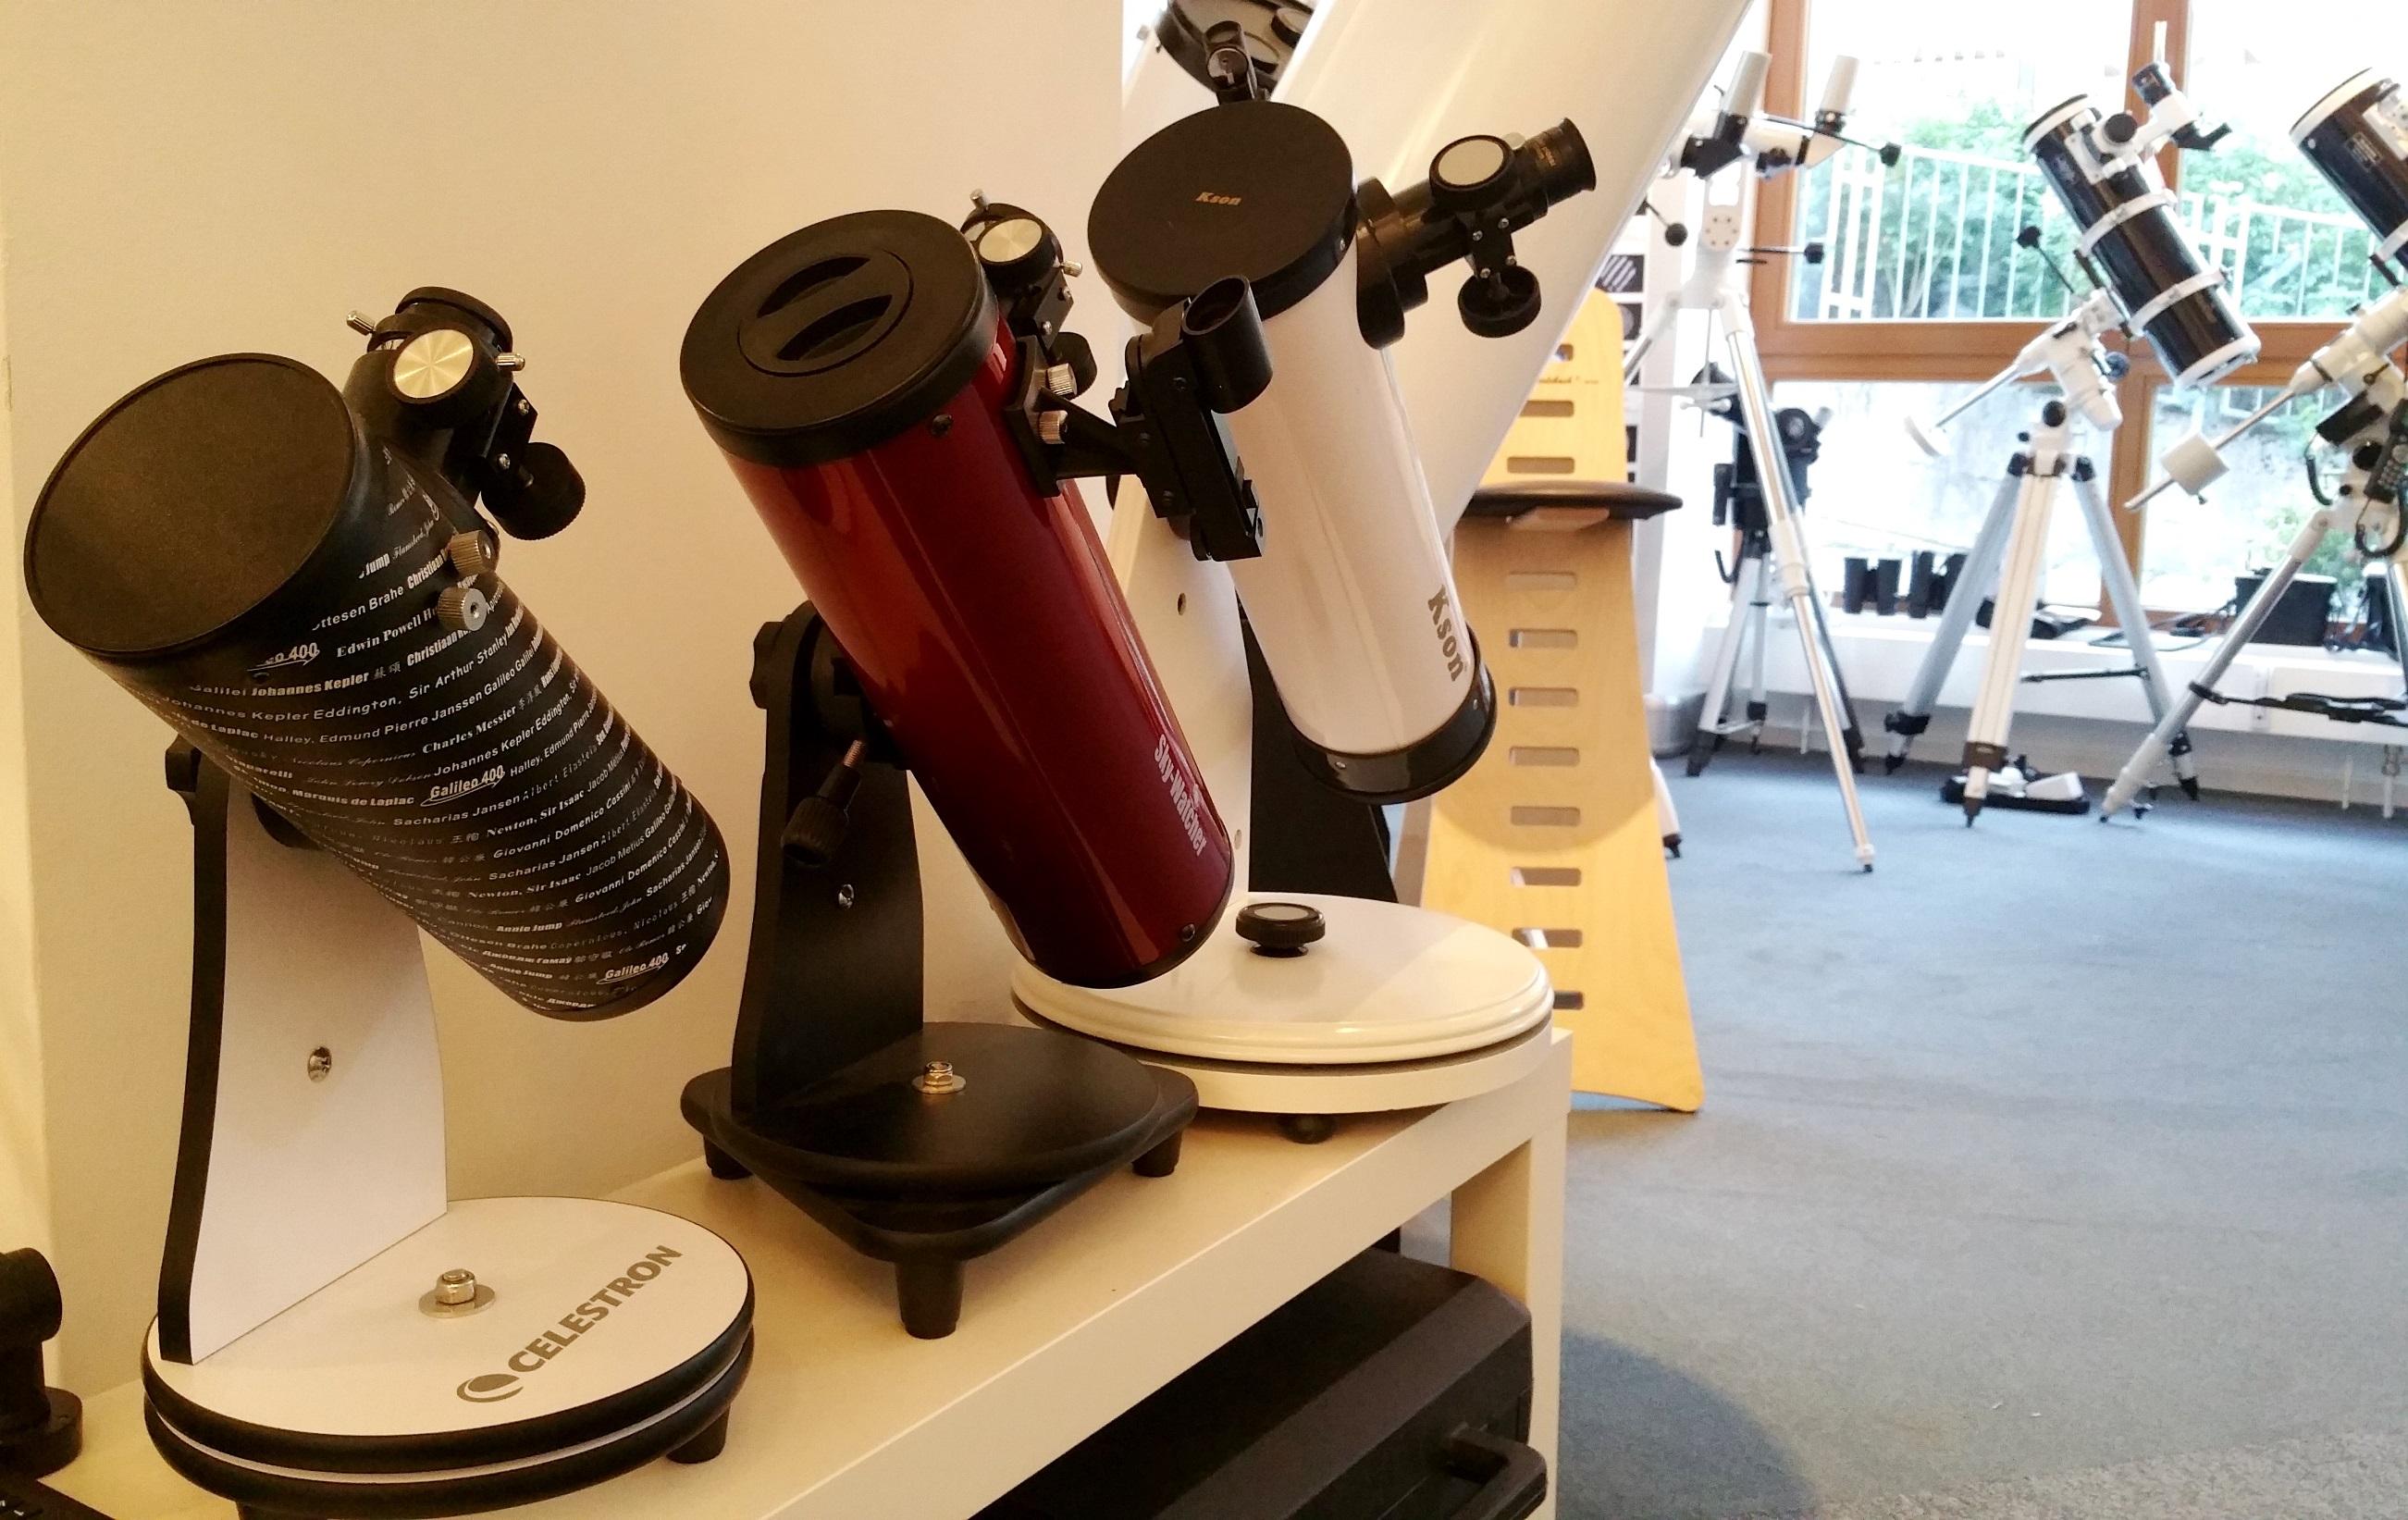 Teleskope für Kinder & Einsteiger